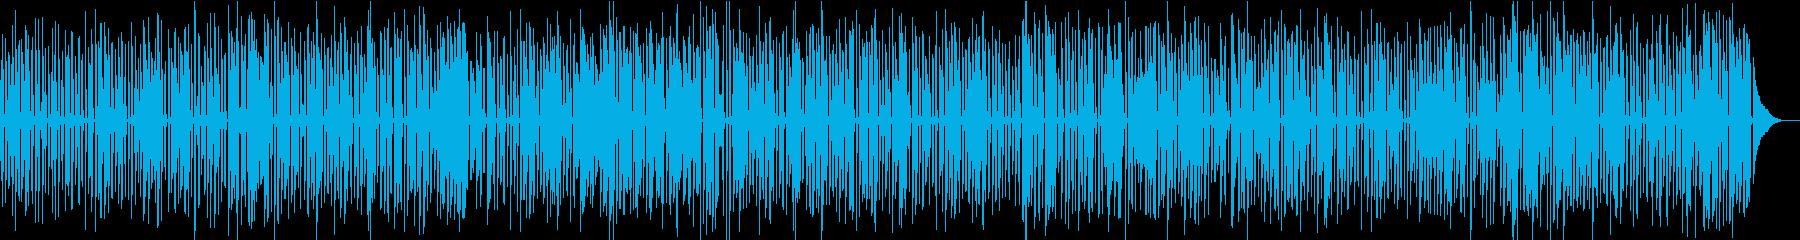 レトロなアニメに合う楽しいジャズピアノの再生済みの波形